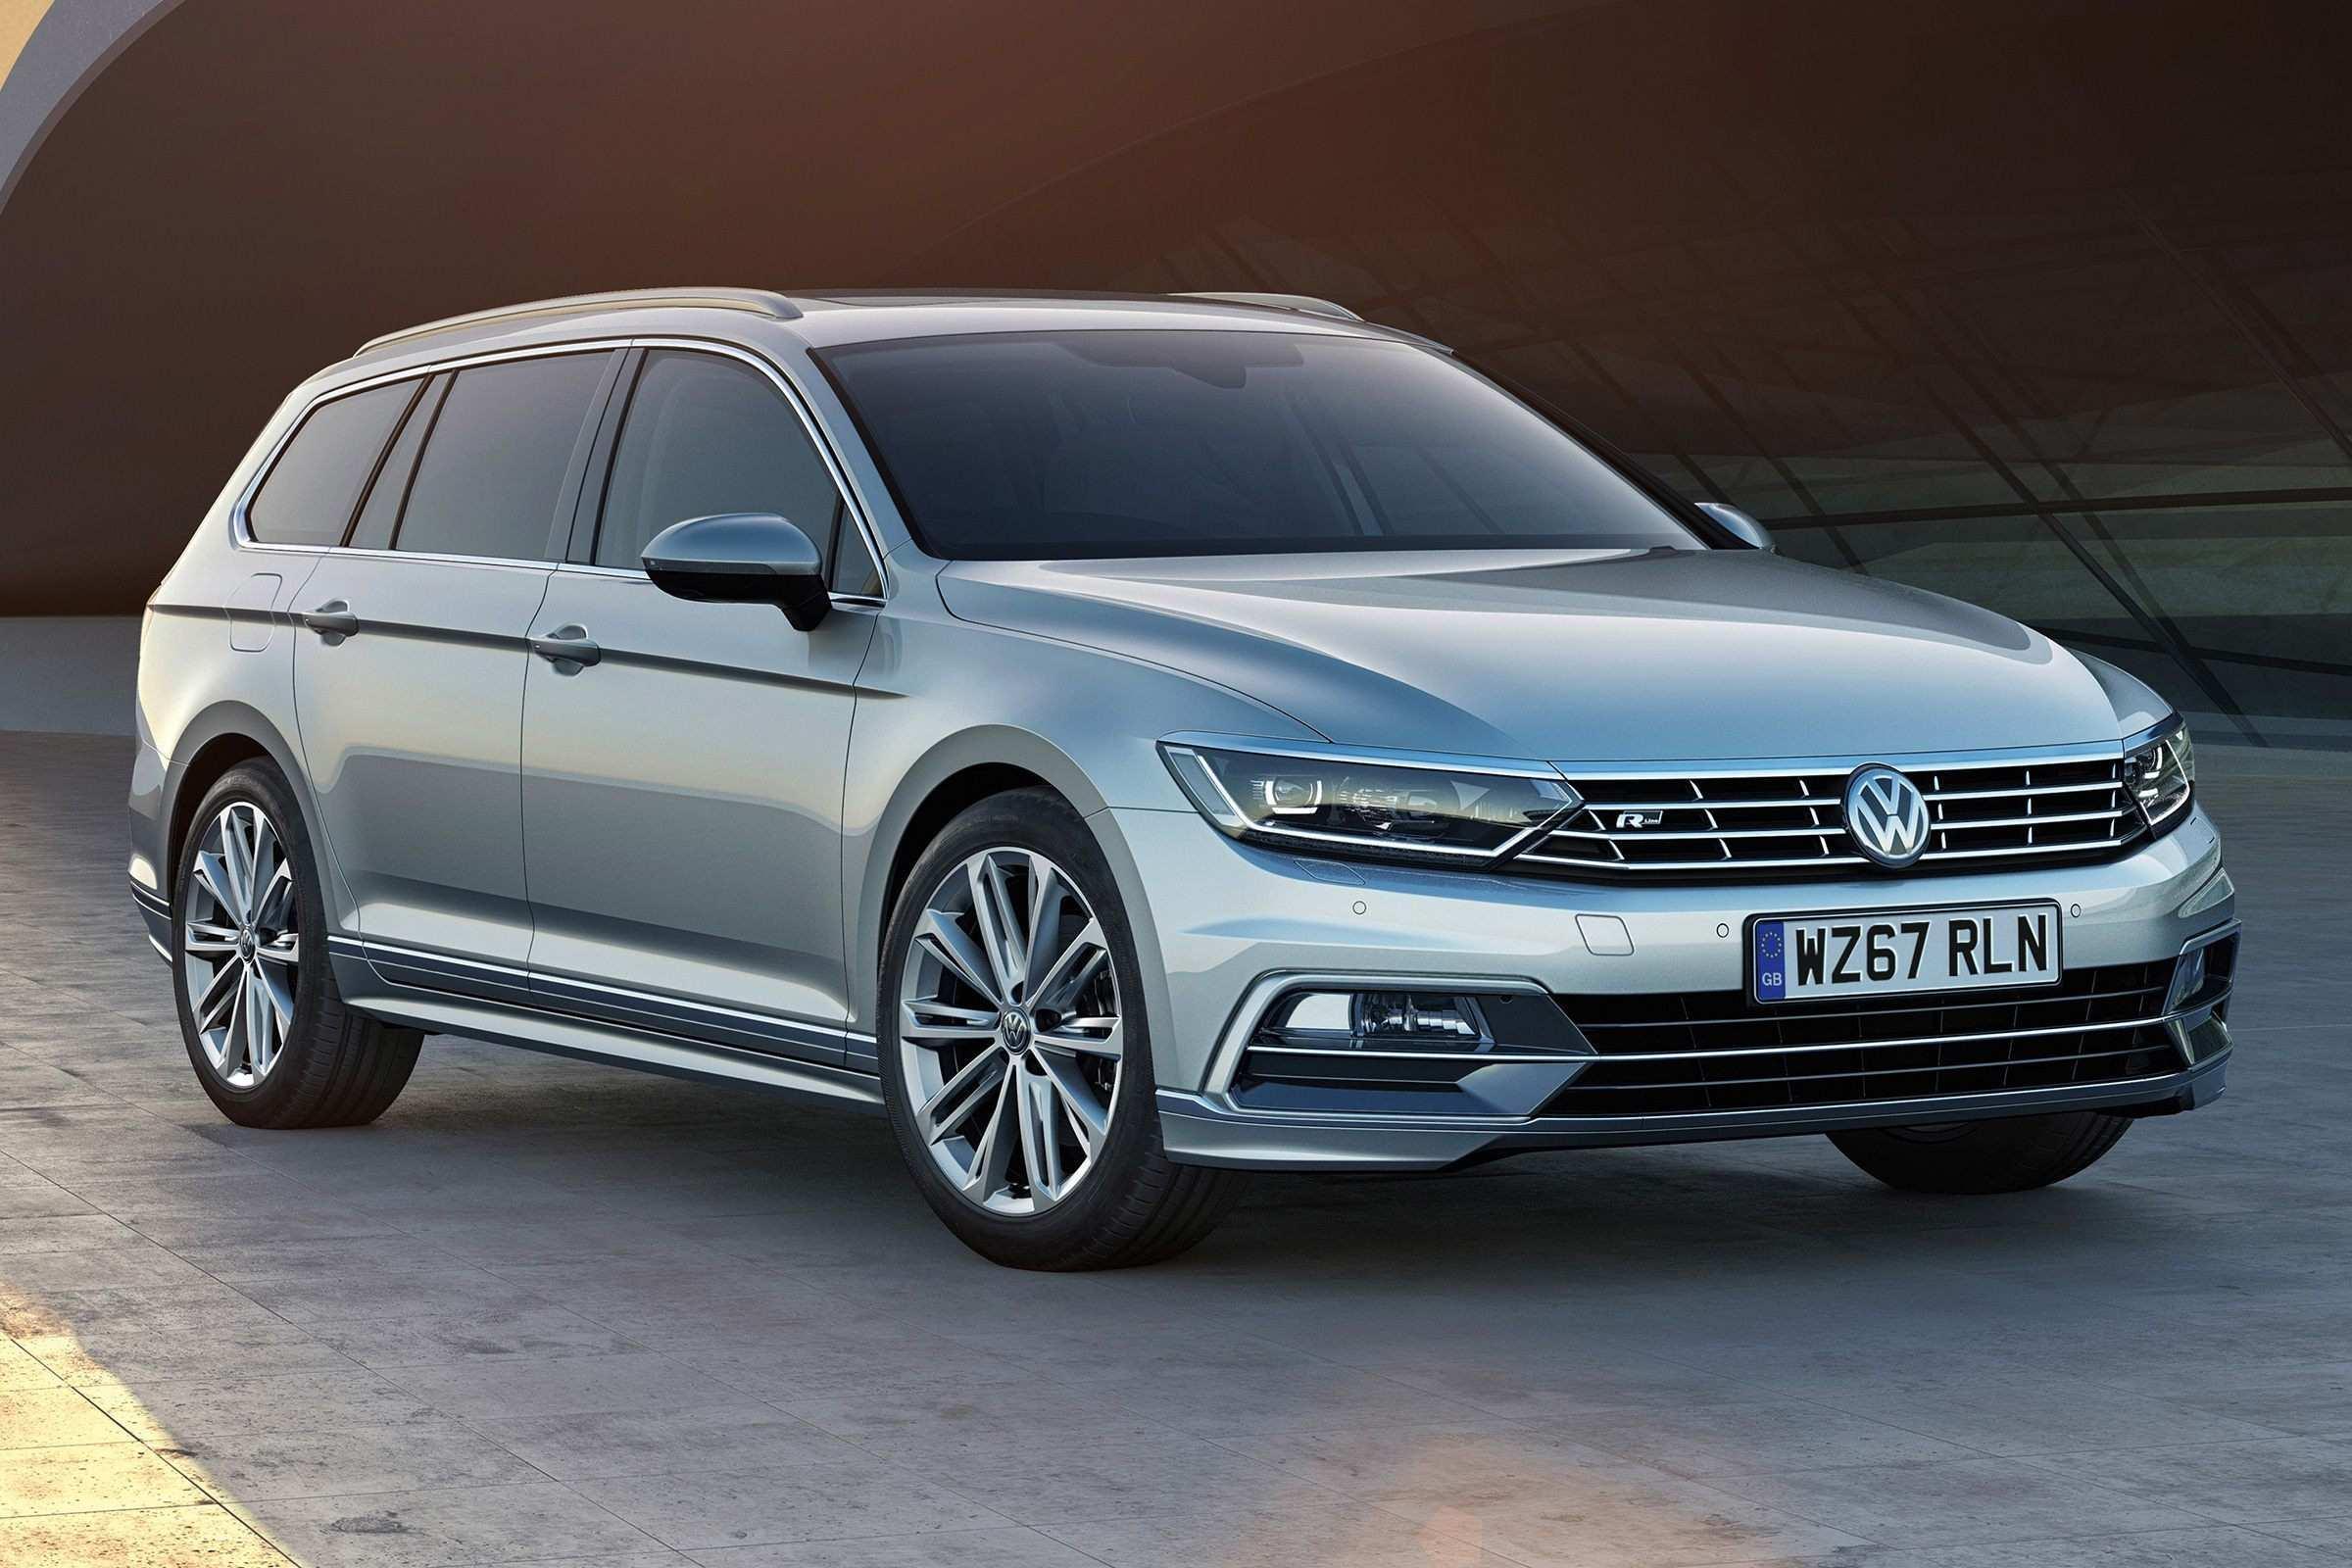 70 Best Review Volkswagen Passat Alltrack 2020 Style by Volkswagen Passat Alltrack 2020